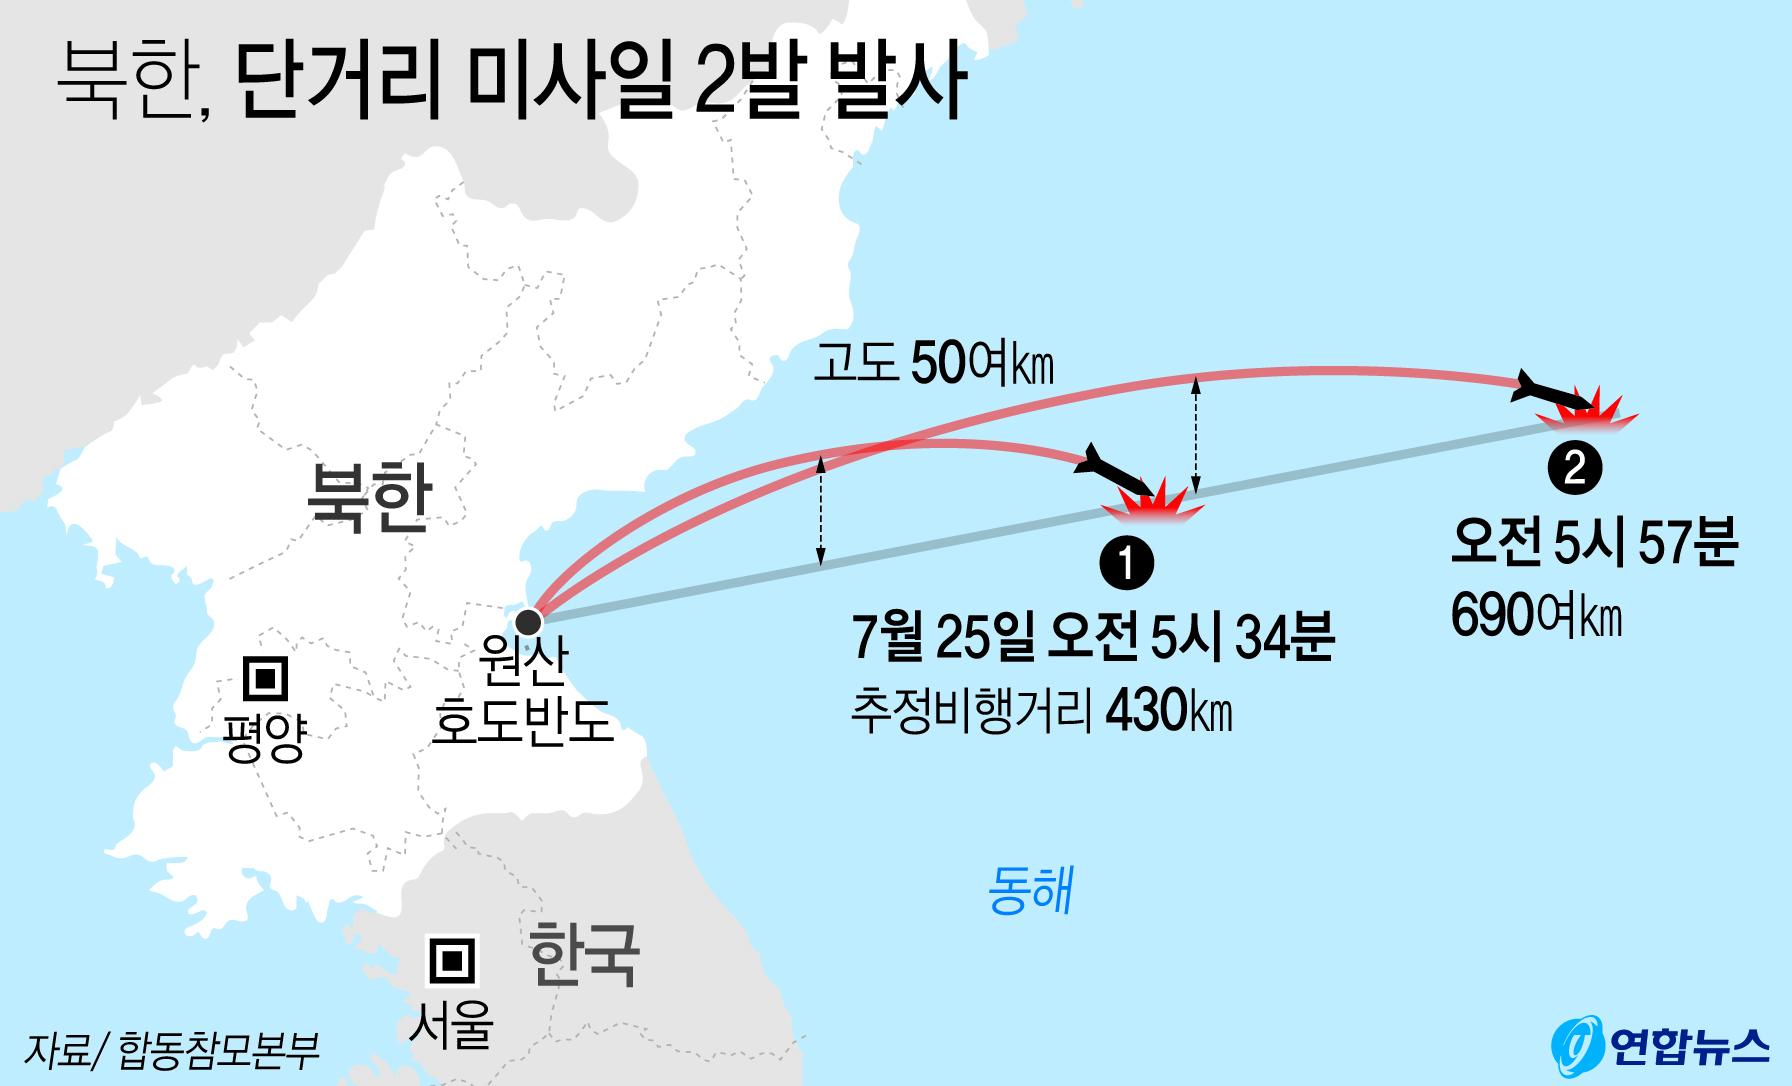 북한은 25일 강원도 원산 호도반도 일대에서 신형 단거리 미사일 2발을 발사했다. 첫 번째는 430㎞를 비행했으나, 두 번째 미사일은 690여㎞를 날아가 새로운 형태의 미사일로 분석됐다. [연합뉴스]